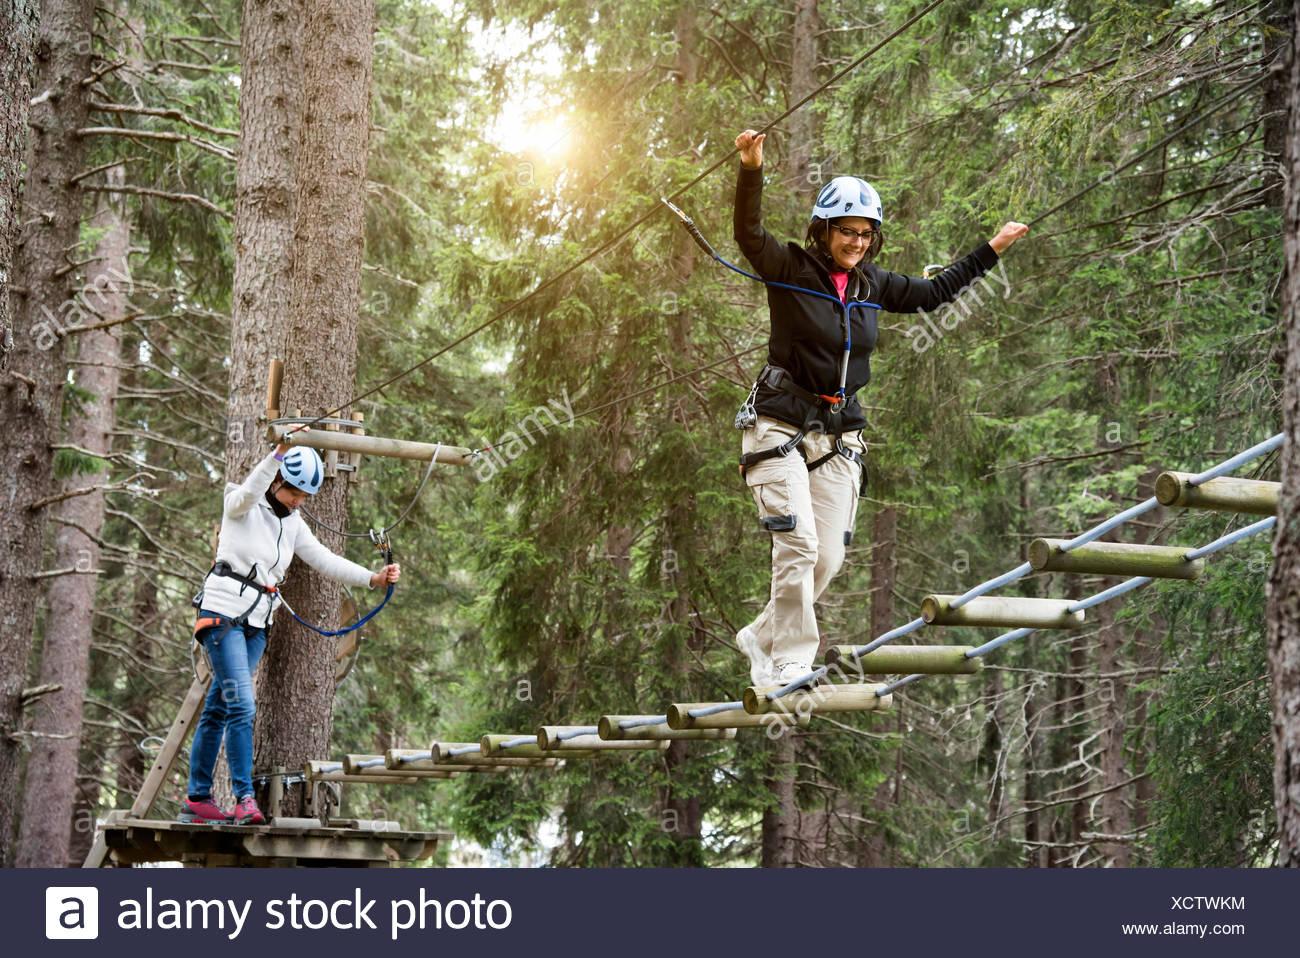 Freunde in Wald mit Hochseilgarten Stockbild